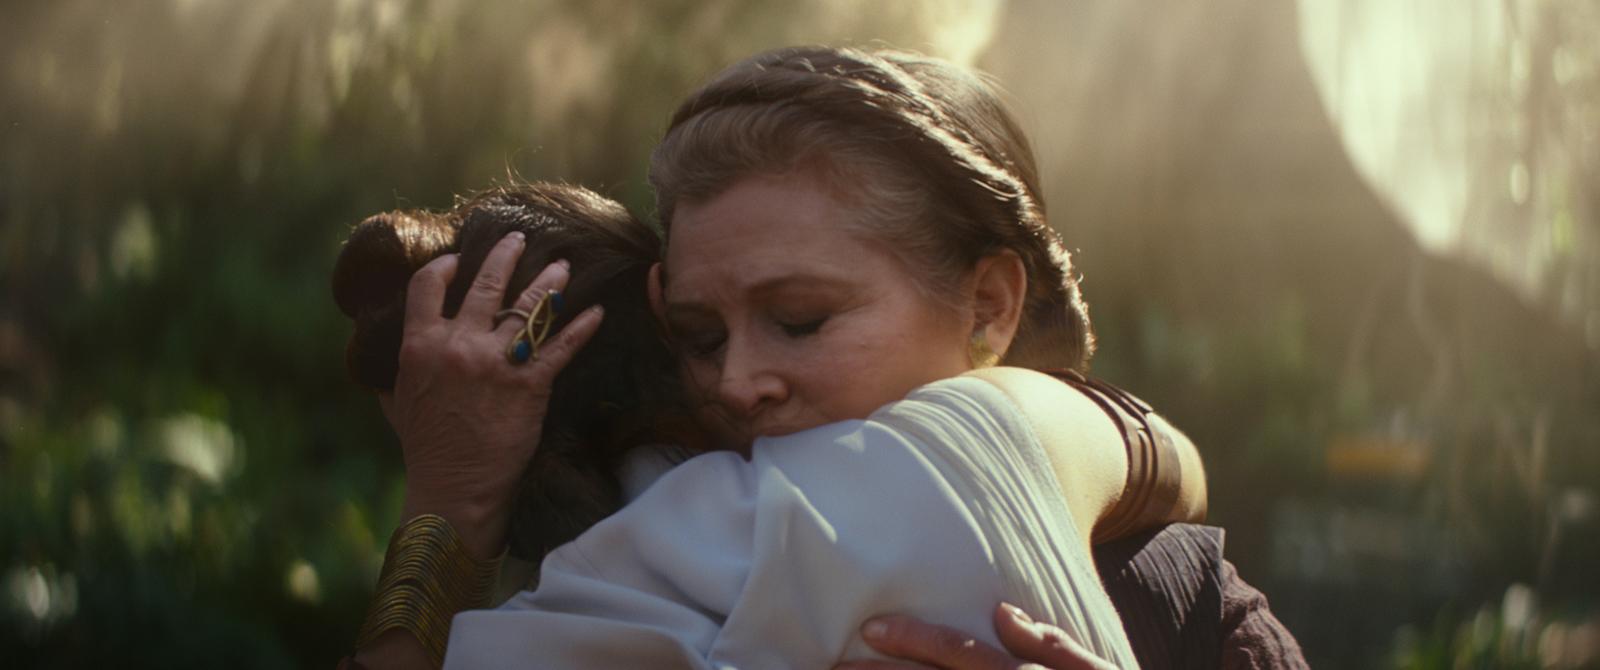 [Films] Star Wars IX : L'Ascension de Skywalker 3917203